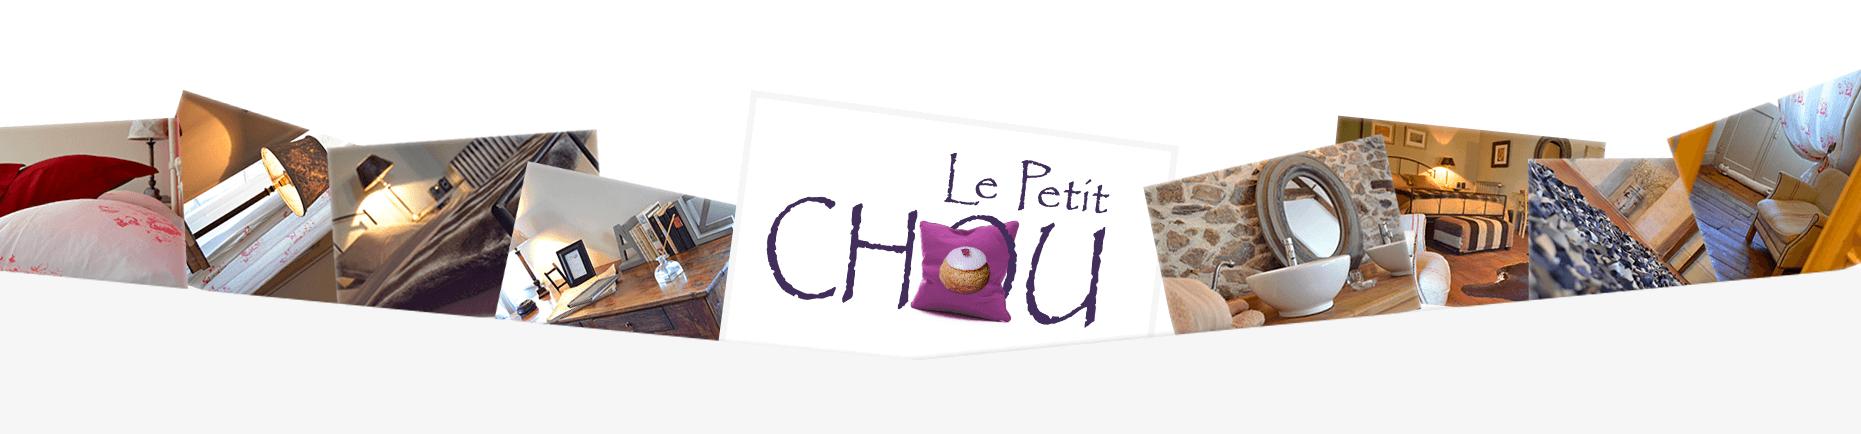 Présentation du Petit Chou